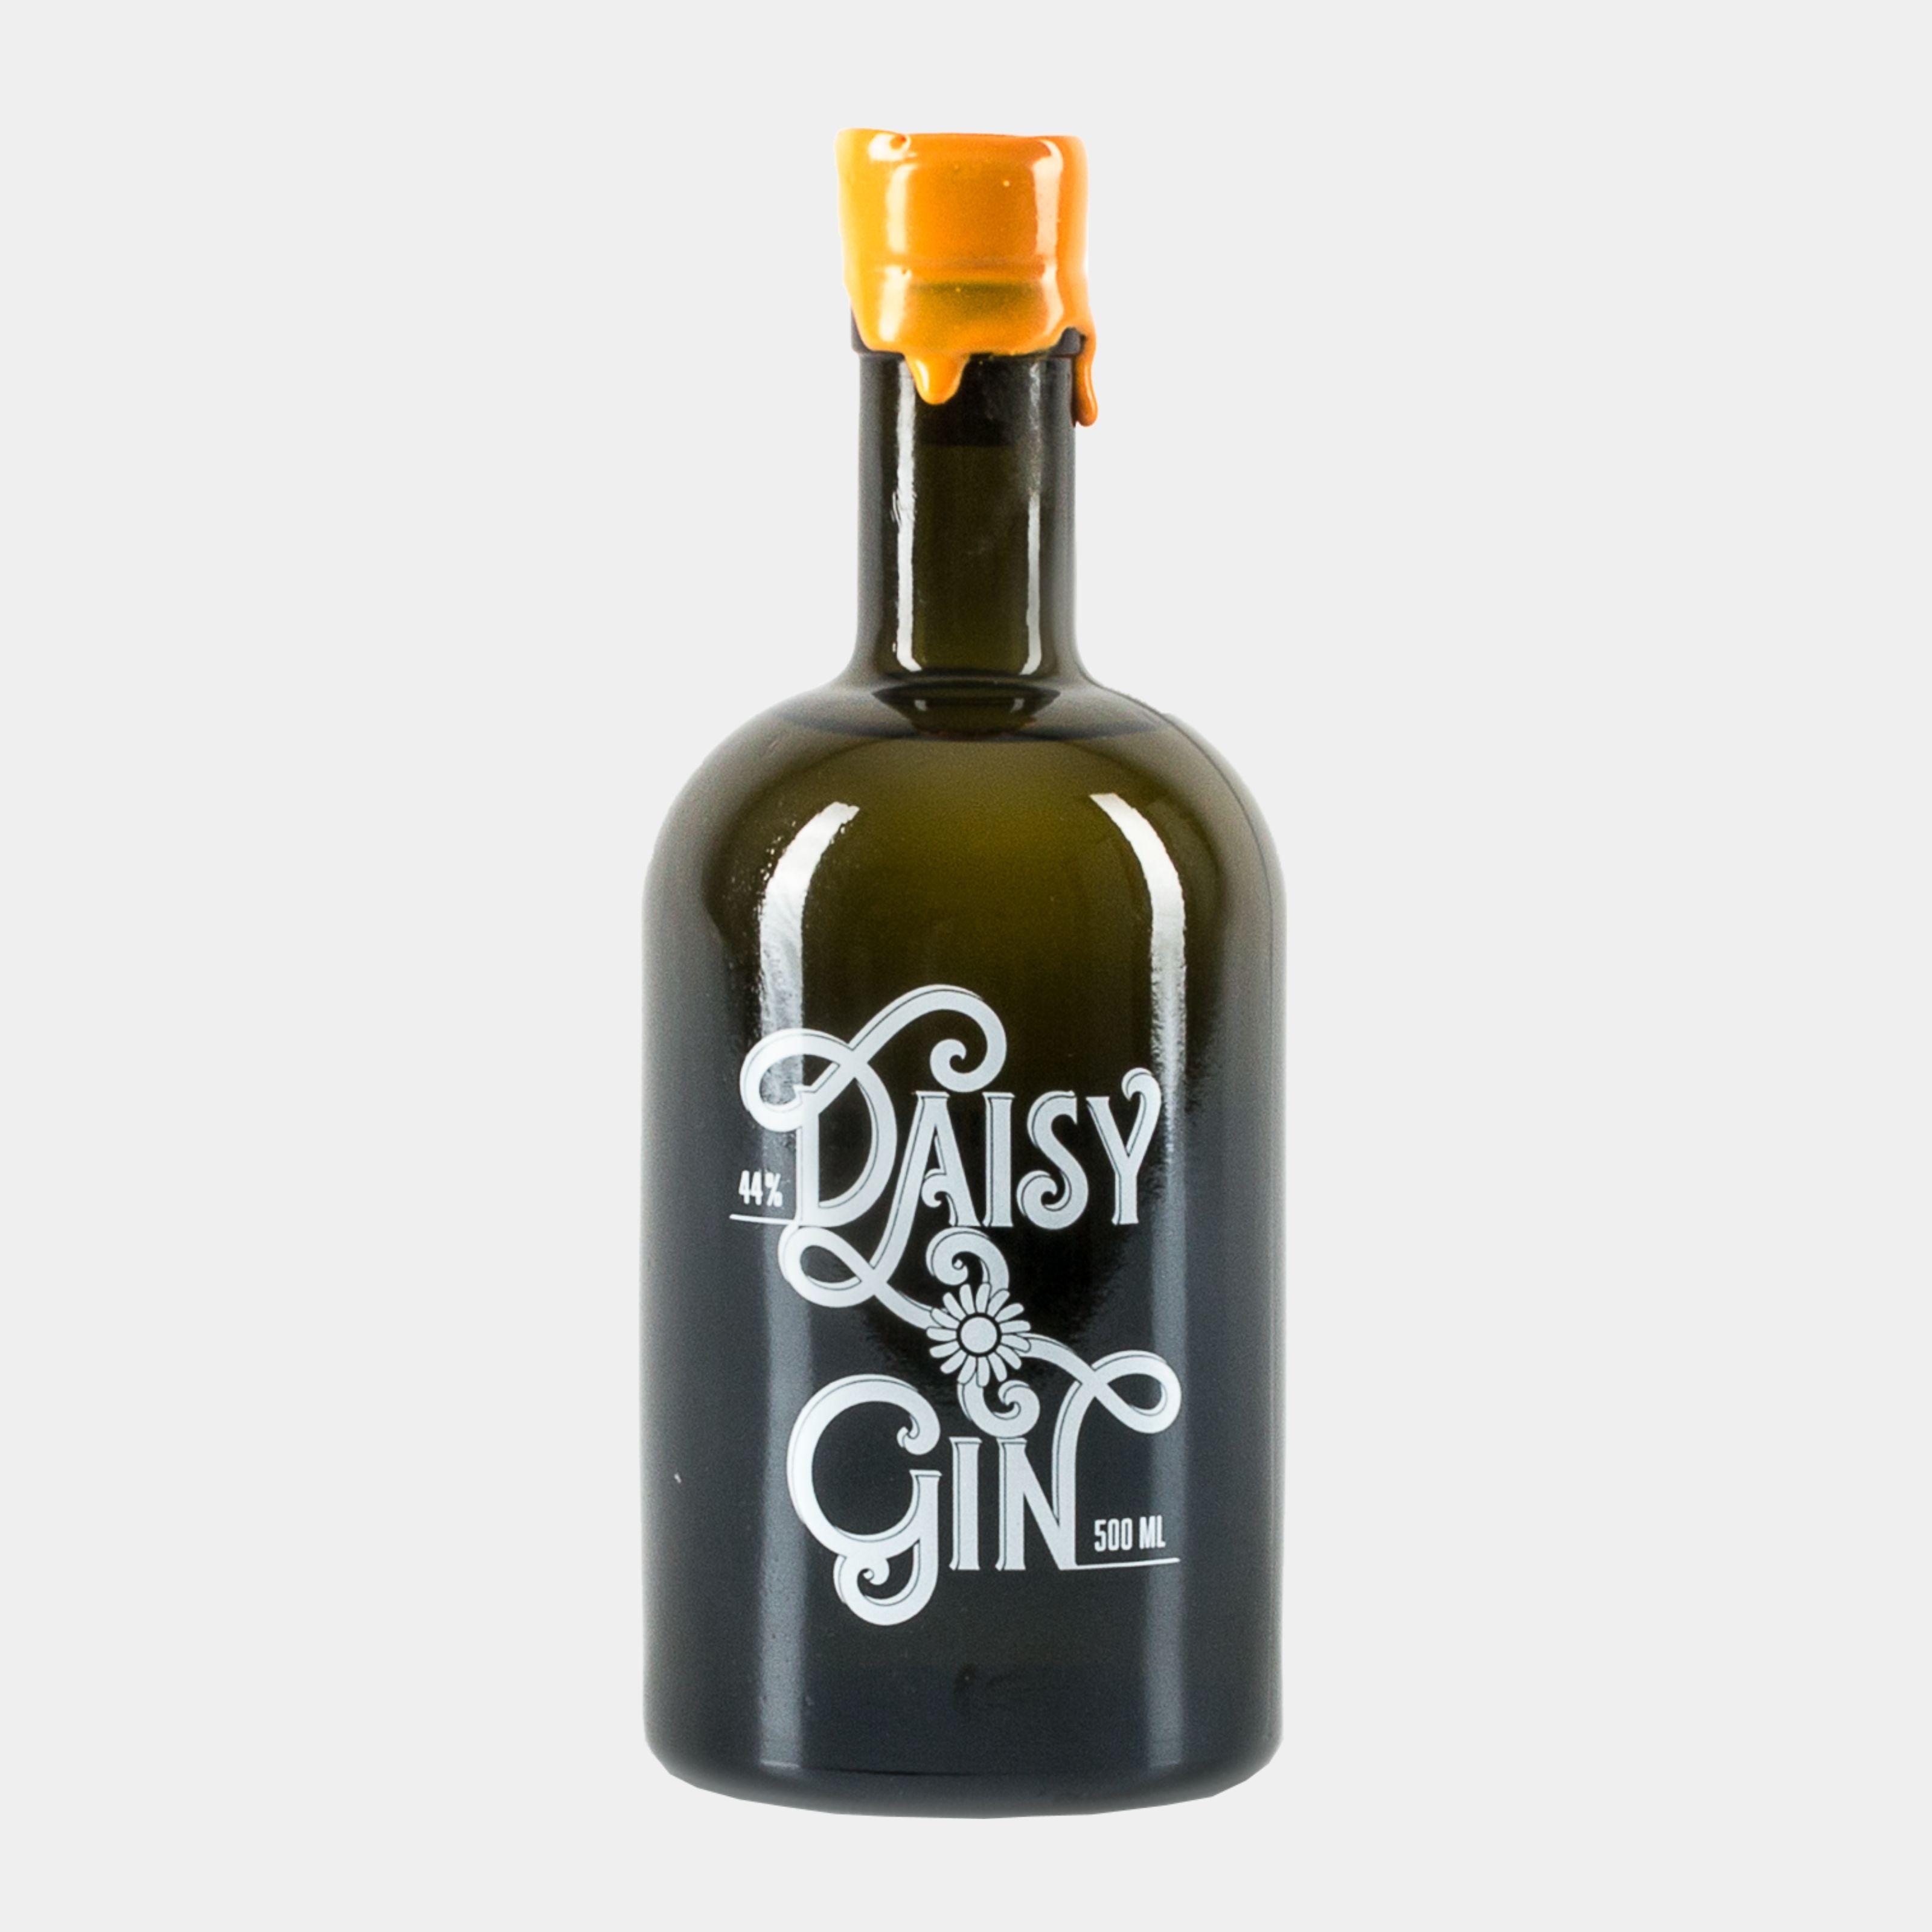 Daisy Gin 0.5l 44% Alk.